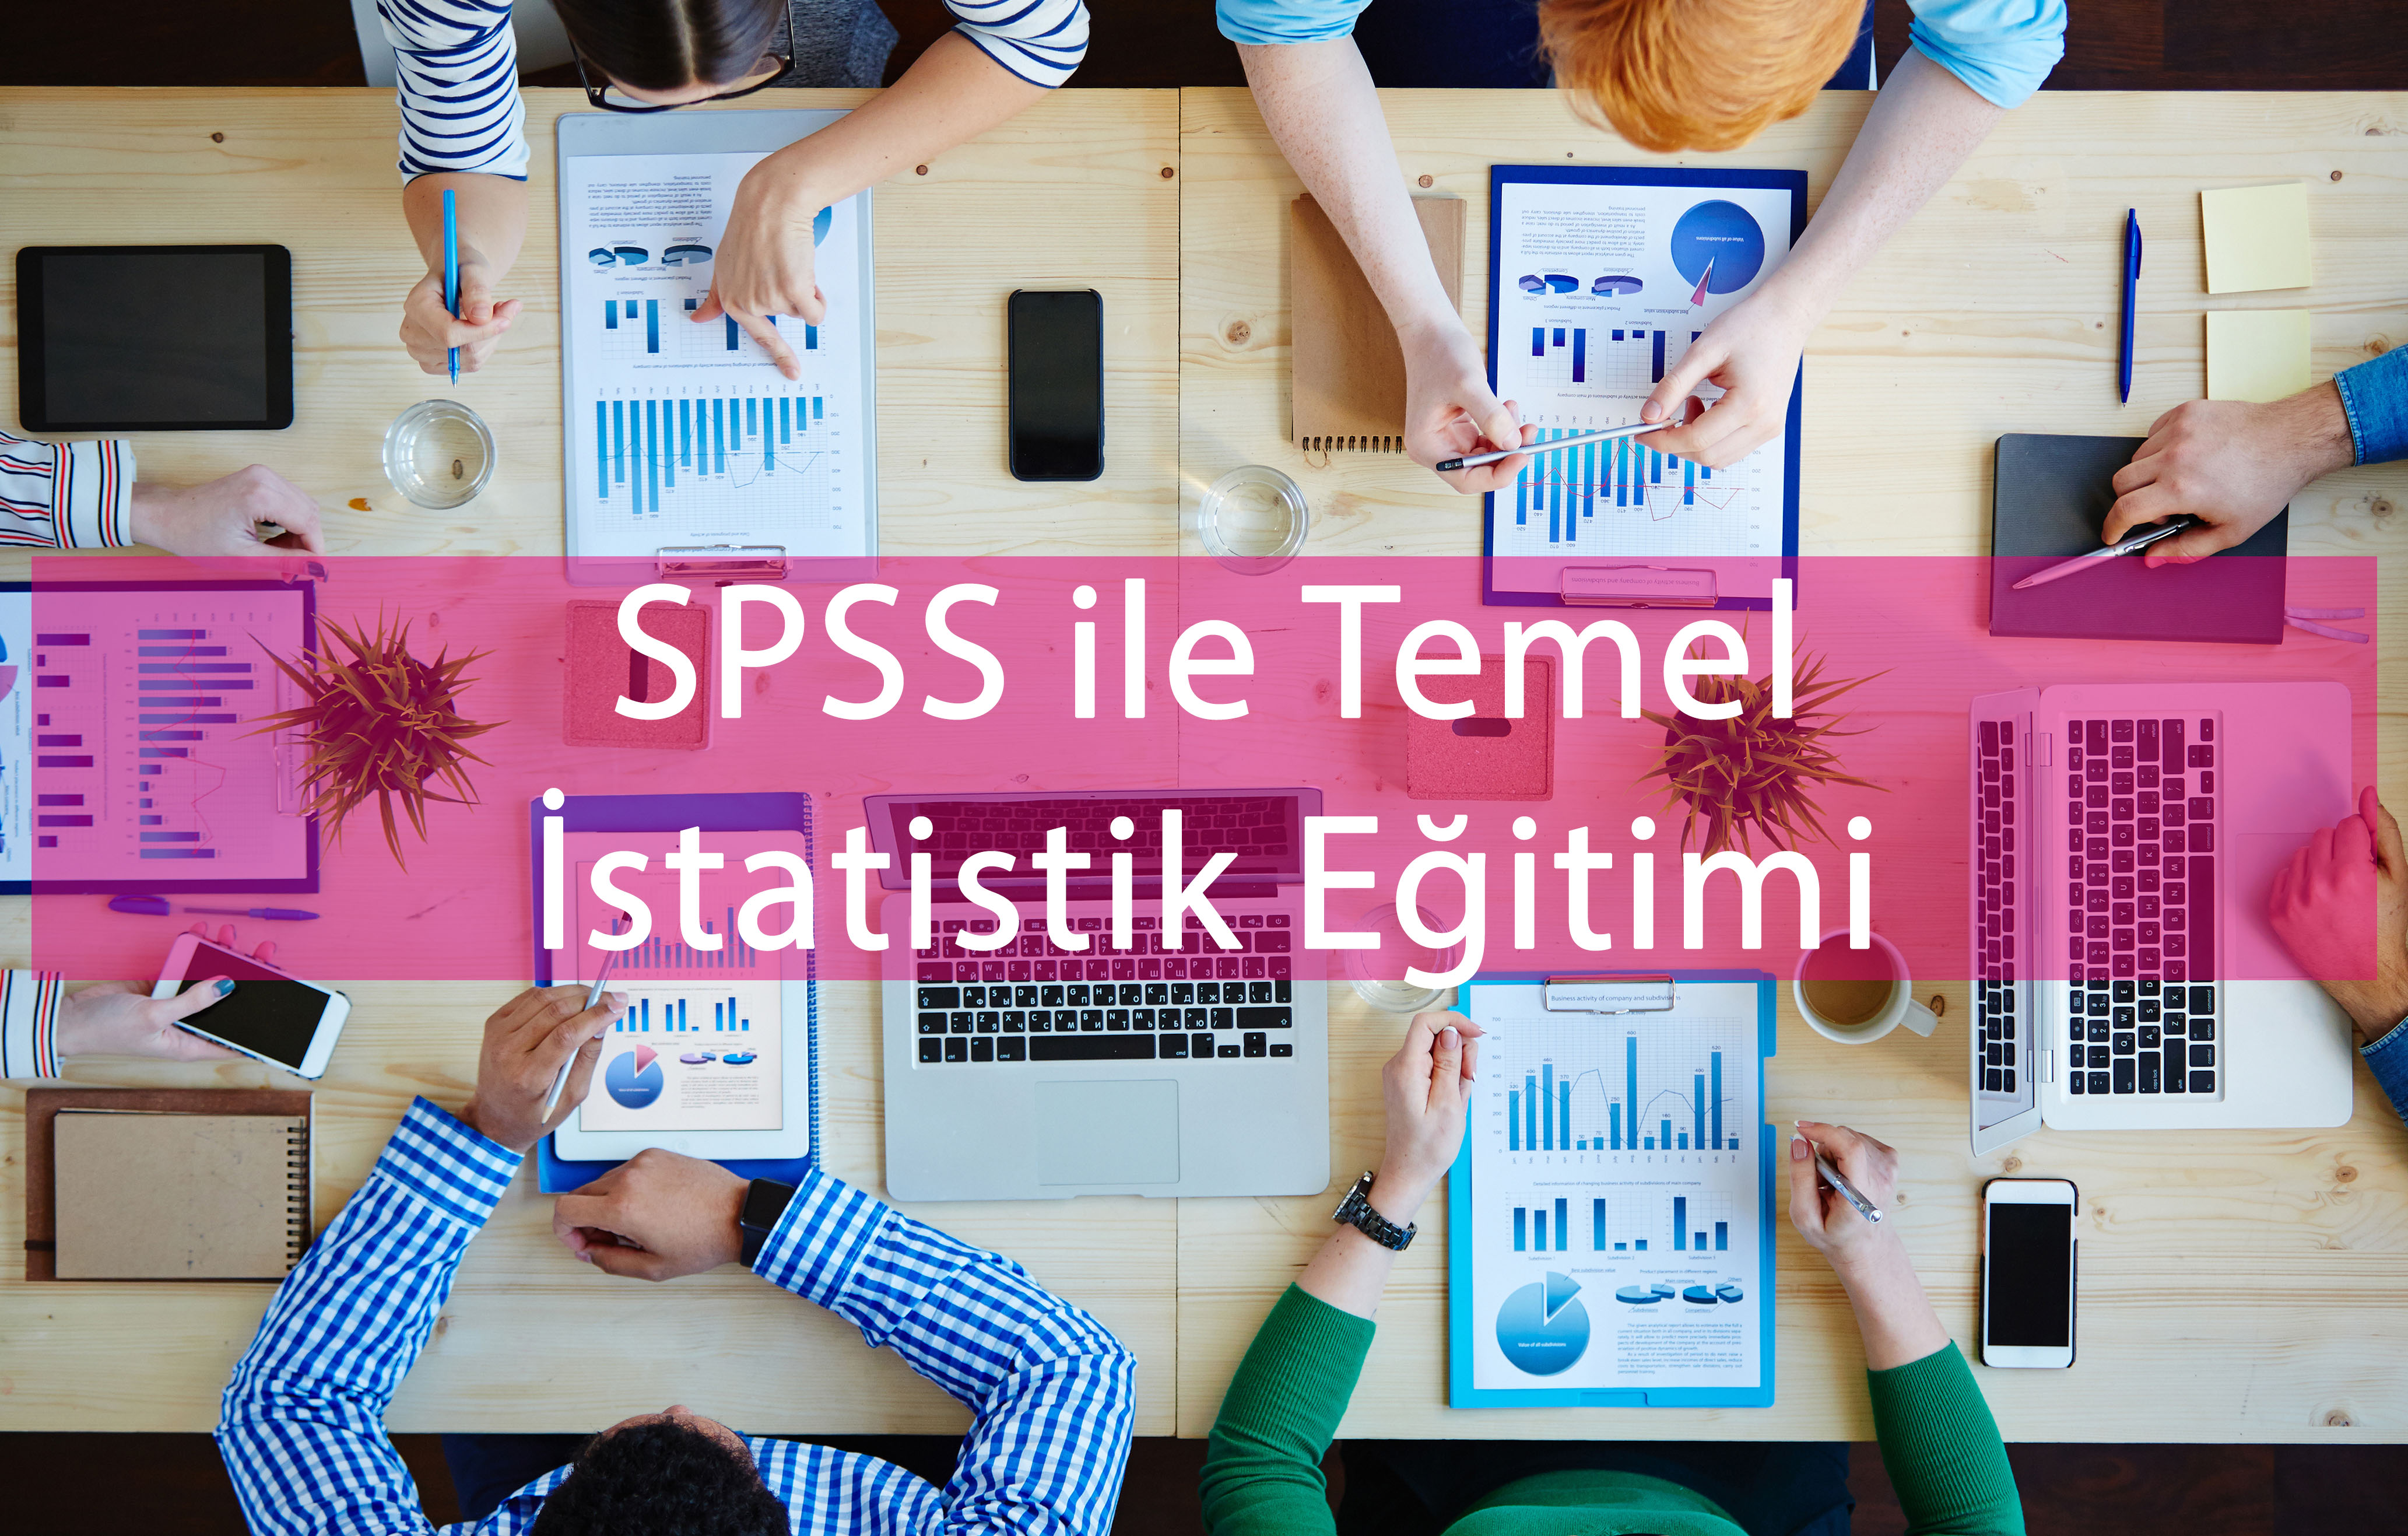 SPSS ile Temel Seviye İstatistik Eğitimi